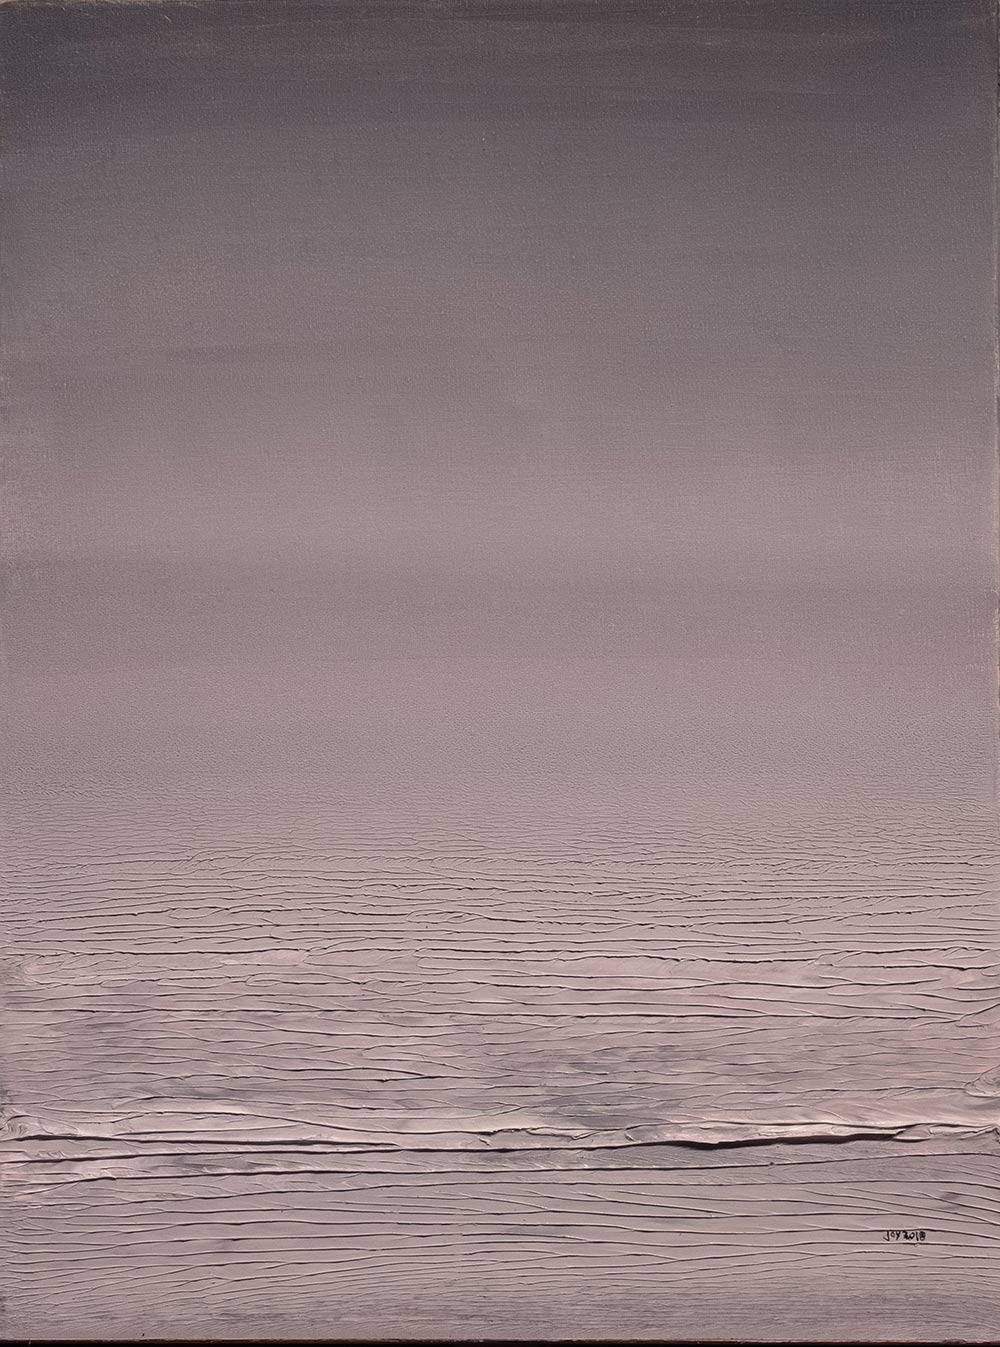 David-Joy-Seascapes-D19-013-39